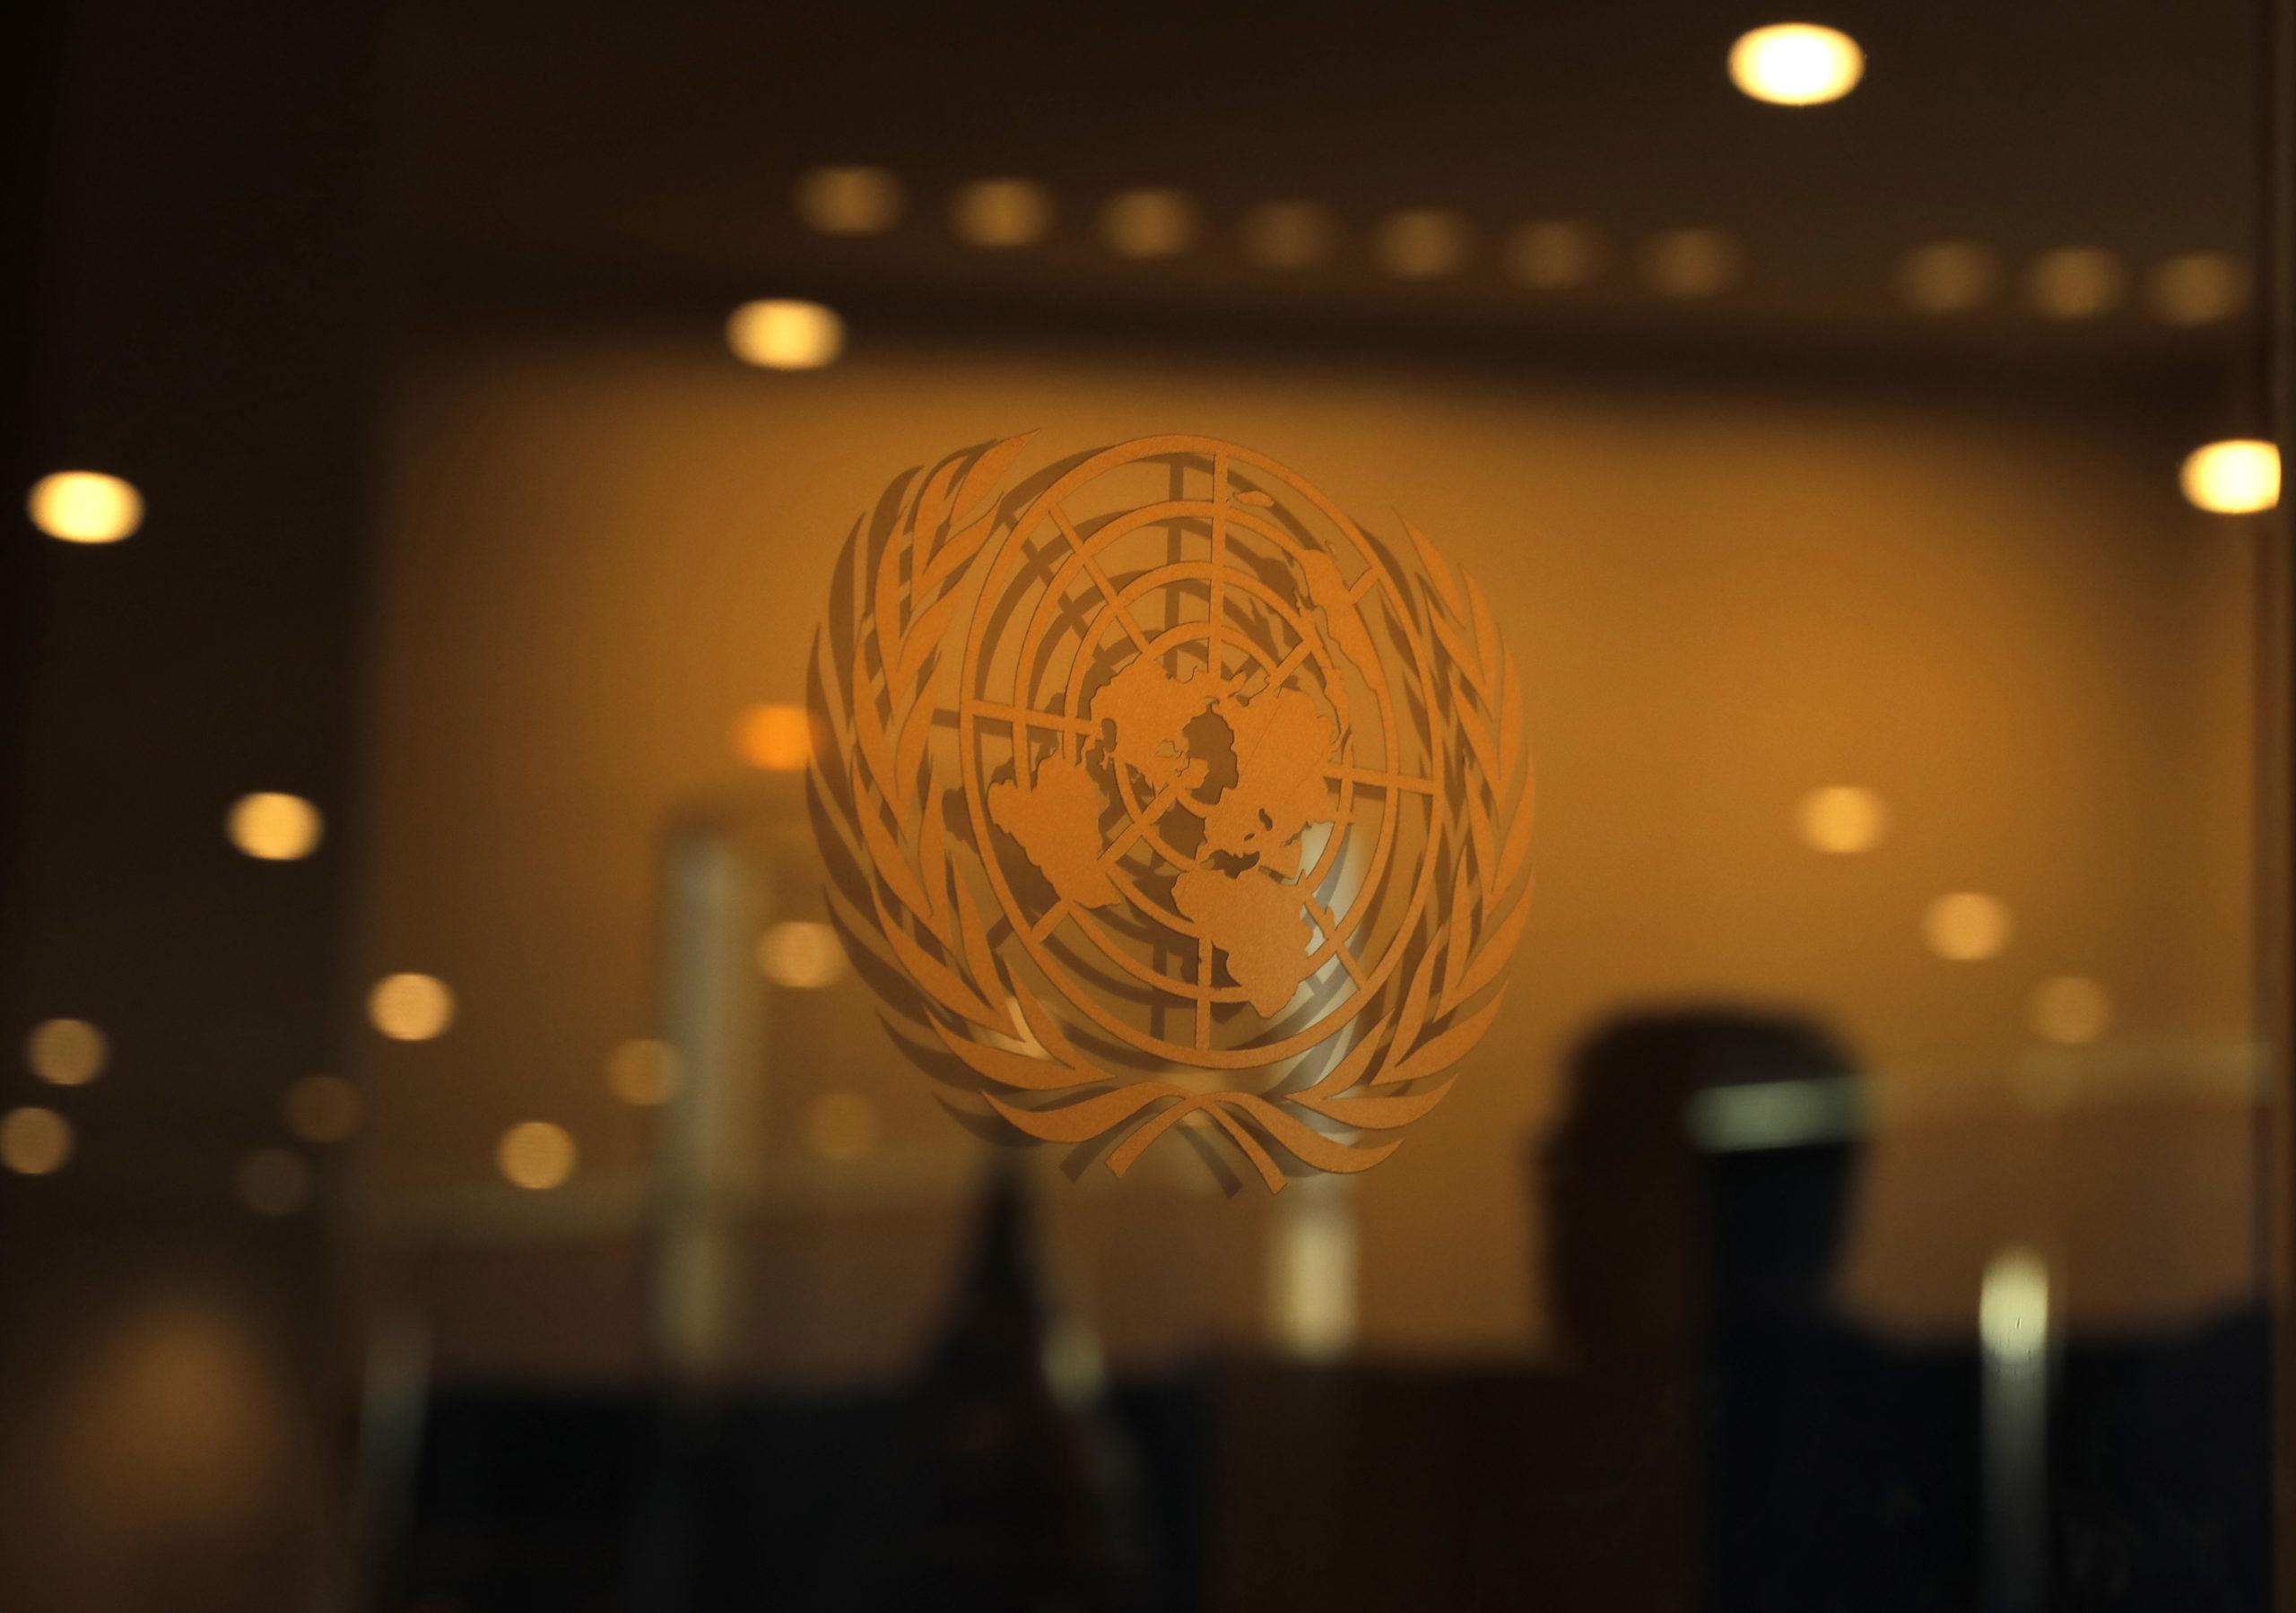 Onu: Veto américain à un projet de résolution sur les membres étrangers de mouvements armés